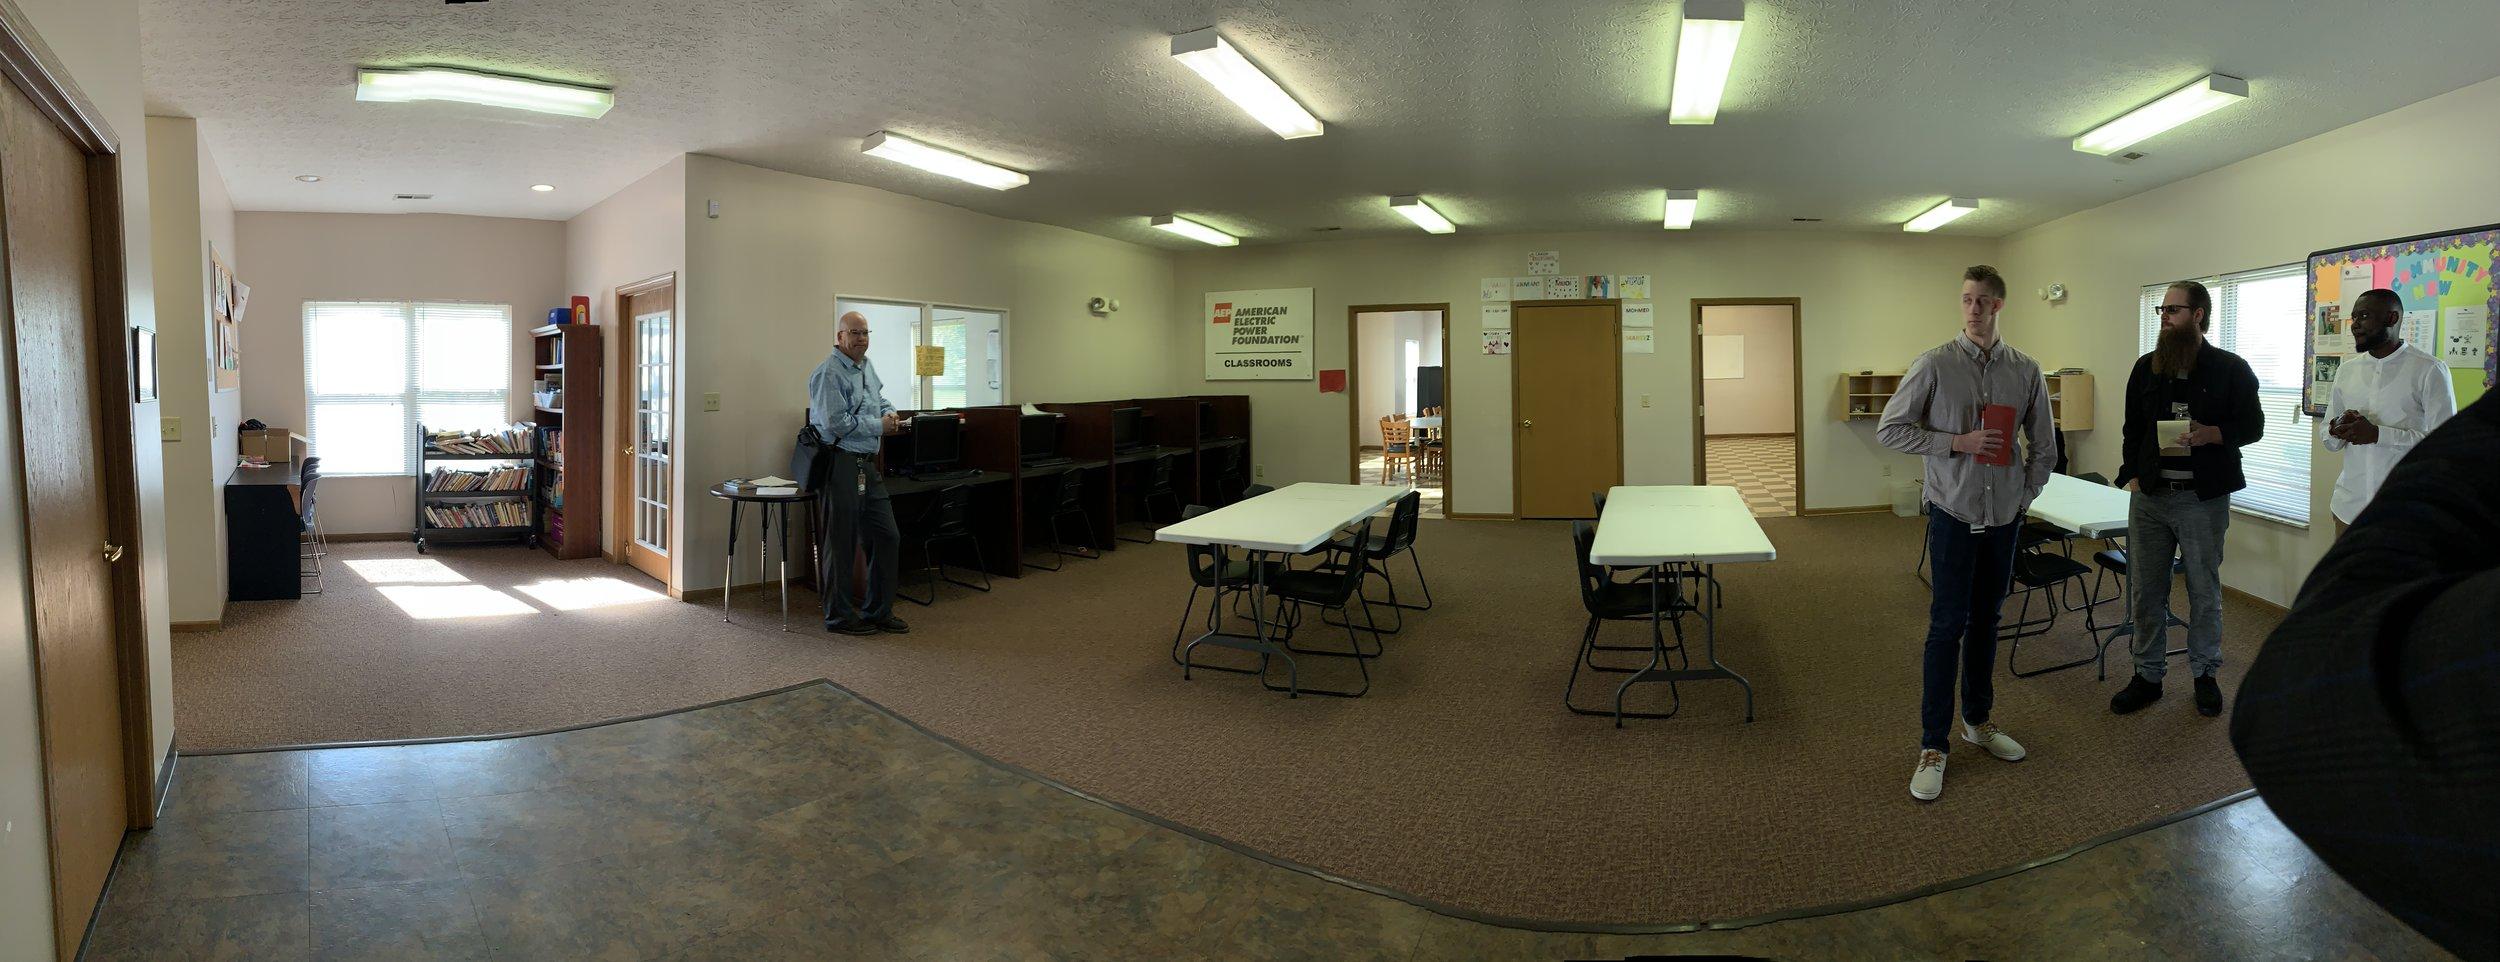 Value City Furniture Making Over Marsh Run Center Homeport